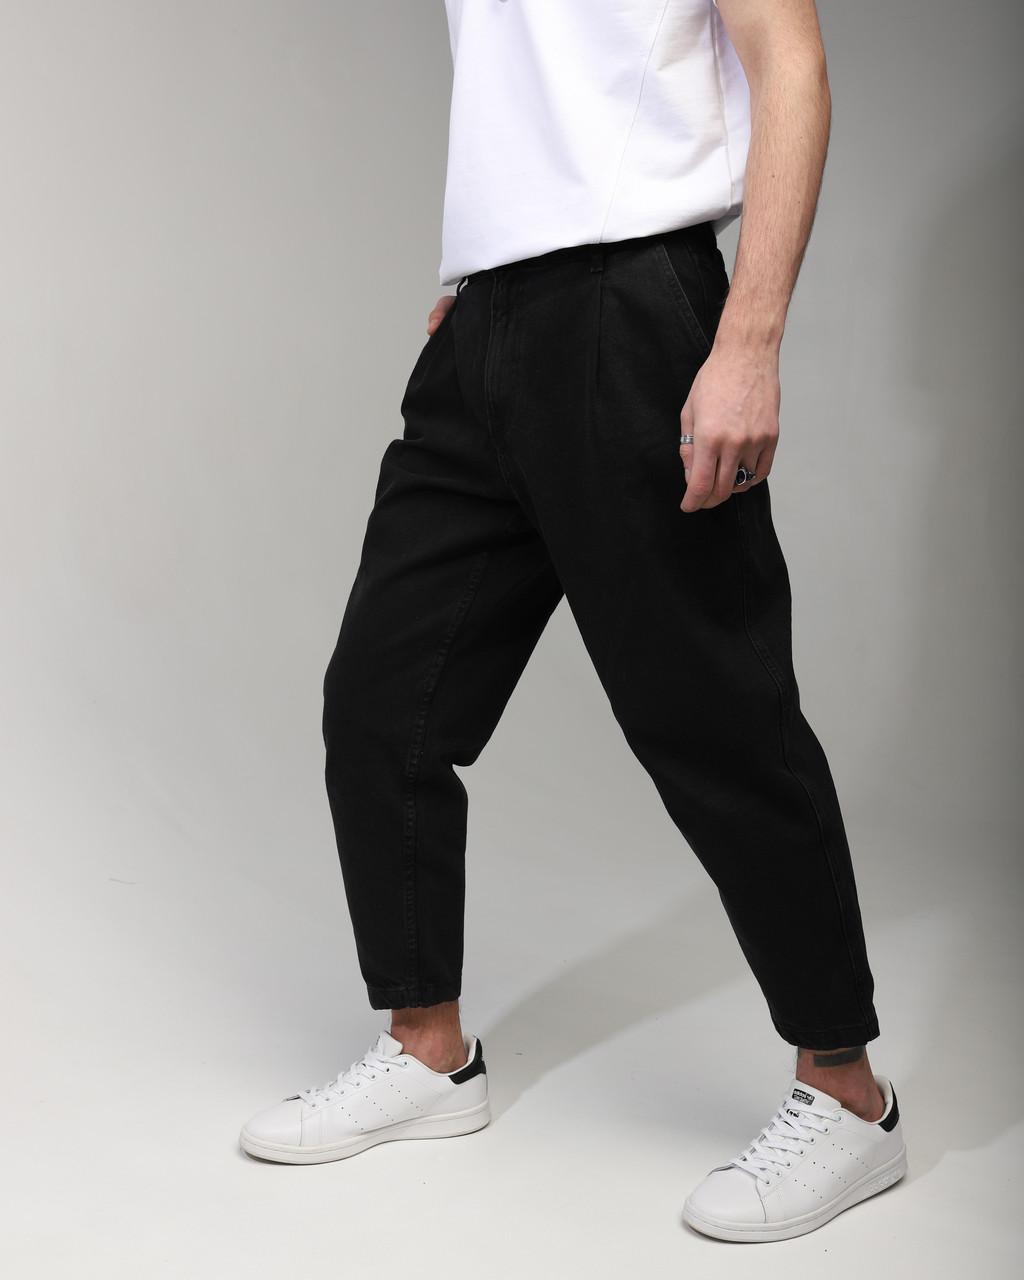 Джинсы мужские черные от бренда Тур модель Бананы TУRWEAR